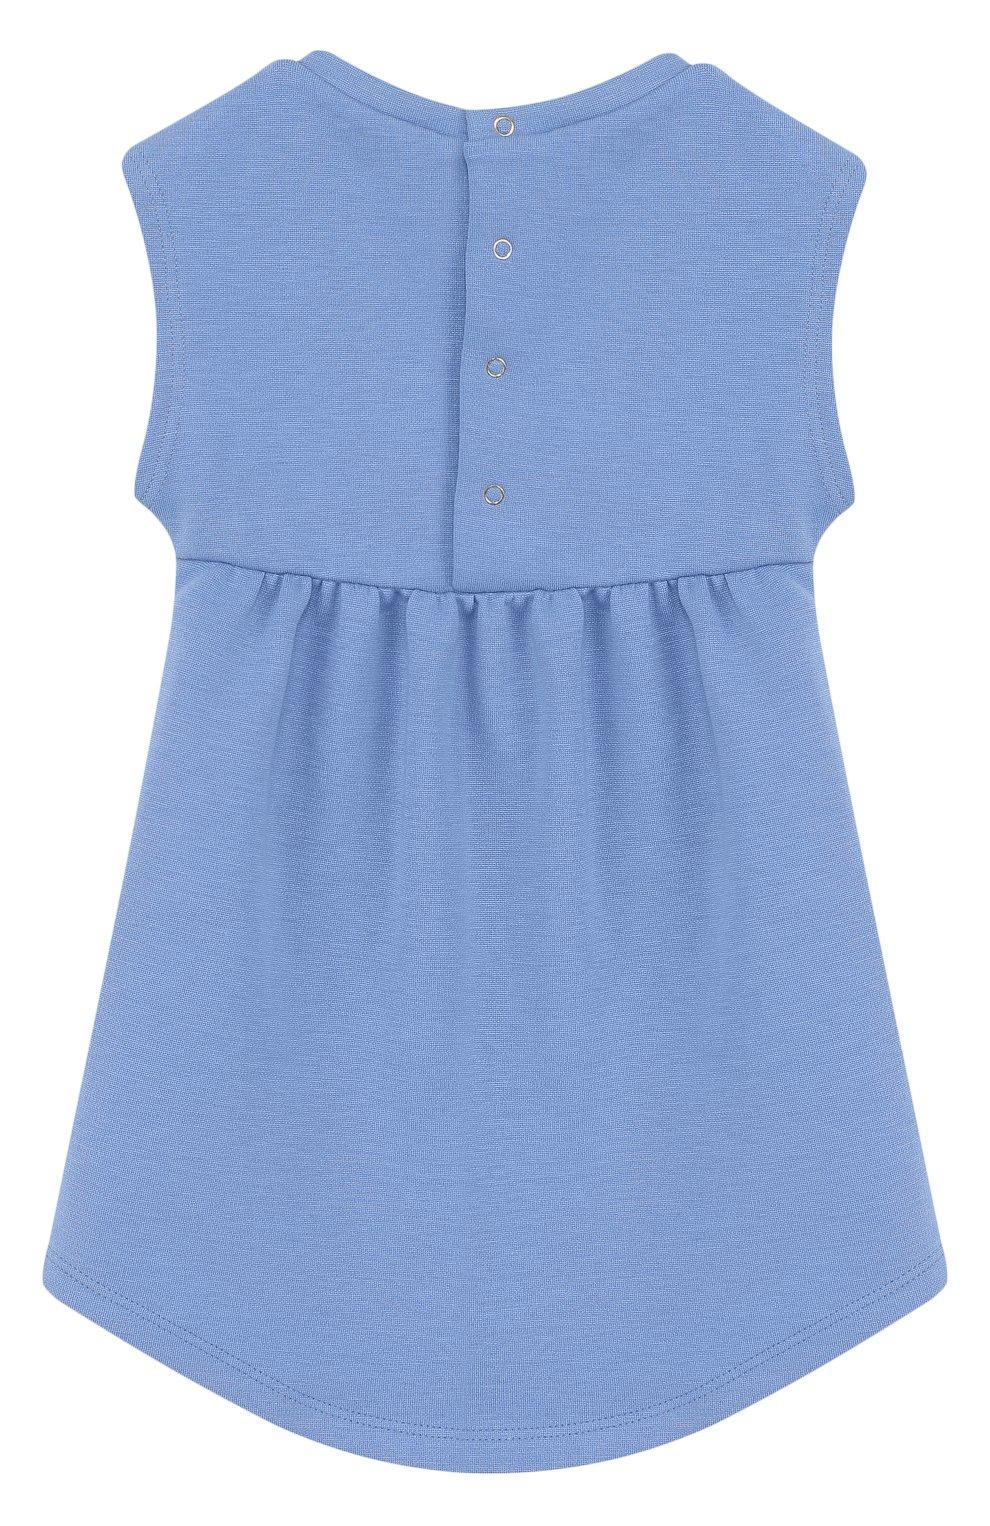 Женская платье с принтом и отделкой пайетками MARC JACOBS (THE) голубого цвета, арт. W02109 | Фото 2